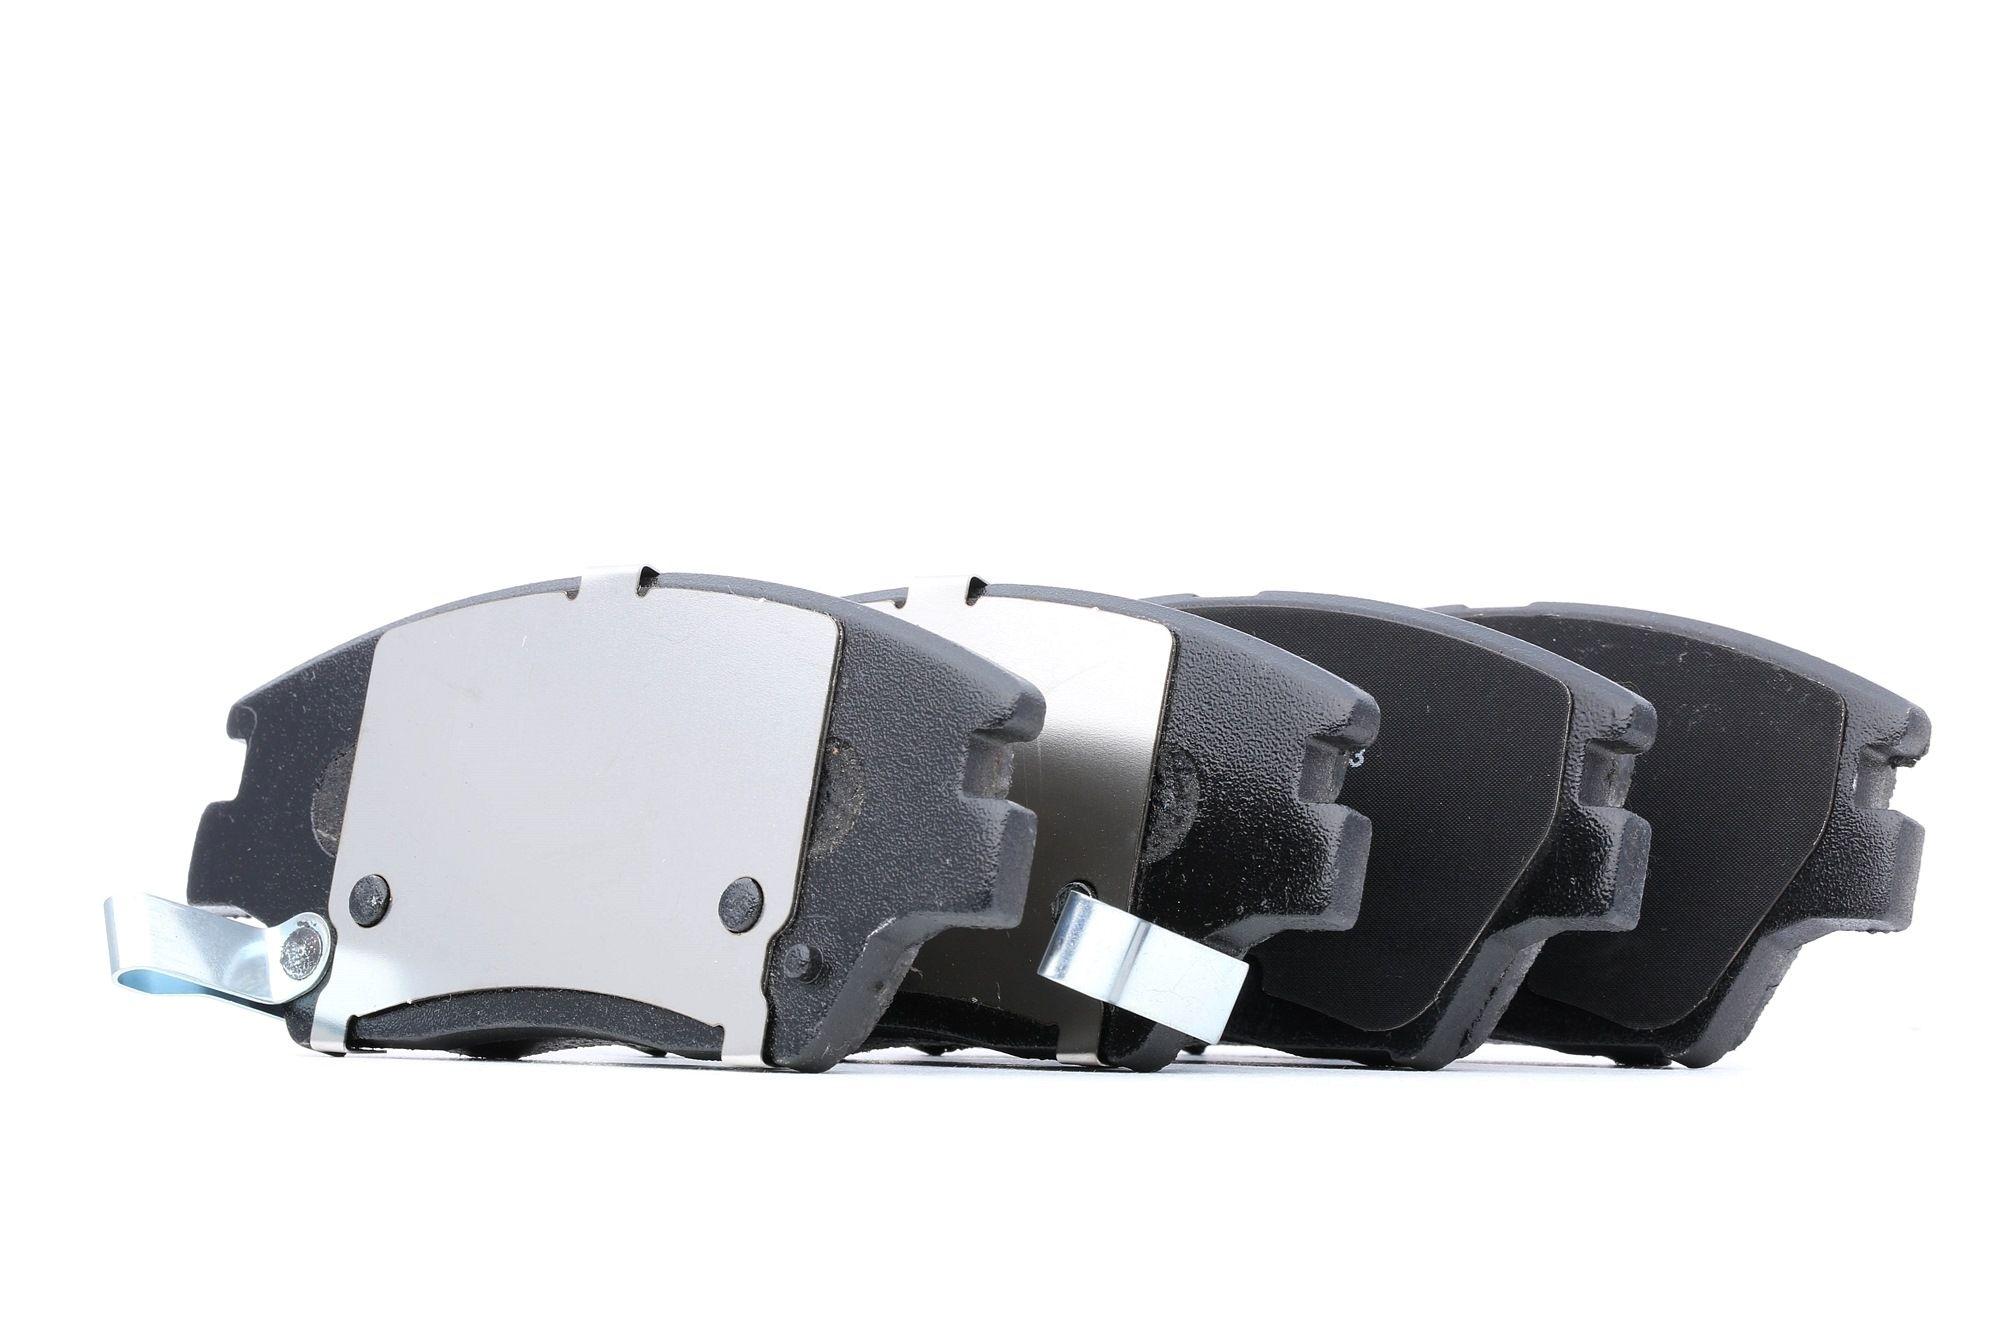 SSANGYONG TIVOLI 2016 Bremsbeläge - Original DELPHI LP3263 Höhe 2: 58mm, Höhe: 58mm, Dicke/Stärke 1: 18mm, Dicke/Stärke 2: 18mm